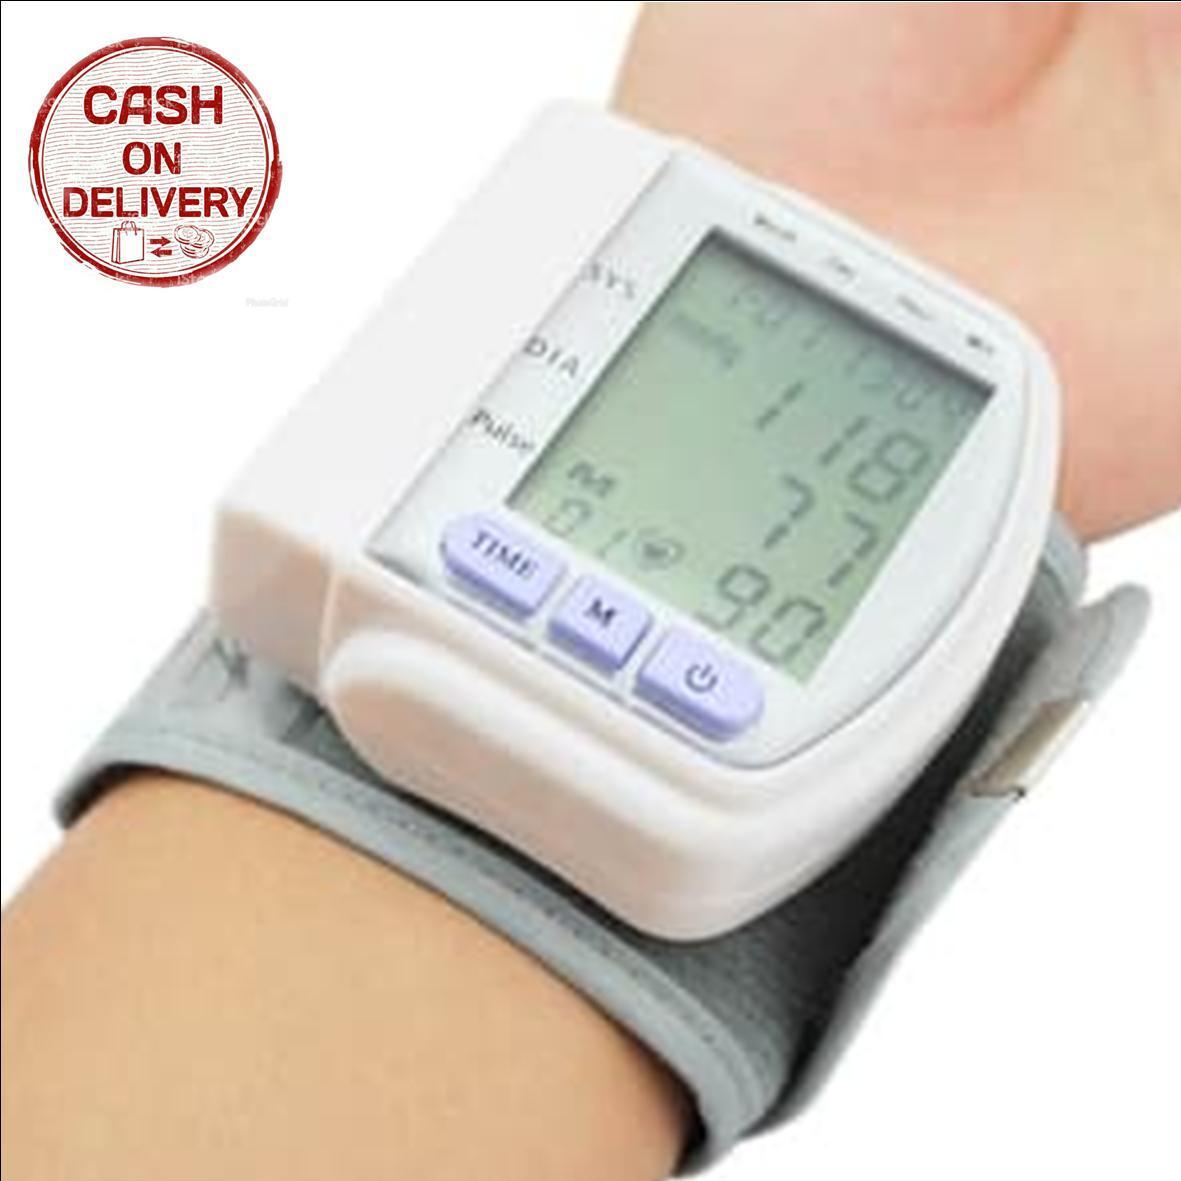 Sien Collection Blood Pressure Monitor CK-102S / Alat Pengukur Tensi Darah / Pengukur Digital / Pengukur Tekanan Darah / Tensi Meter Digital / Jual Pengukur Digital Tensi Meter Tangan Tekanan Darah